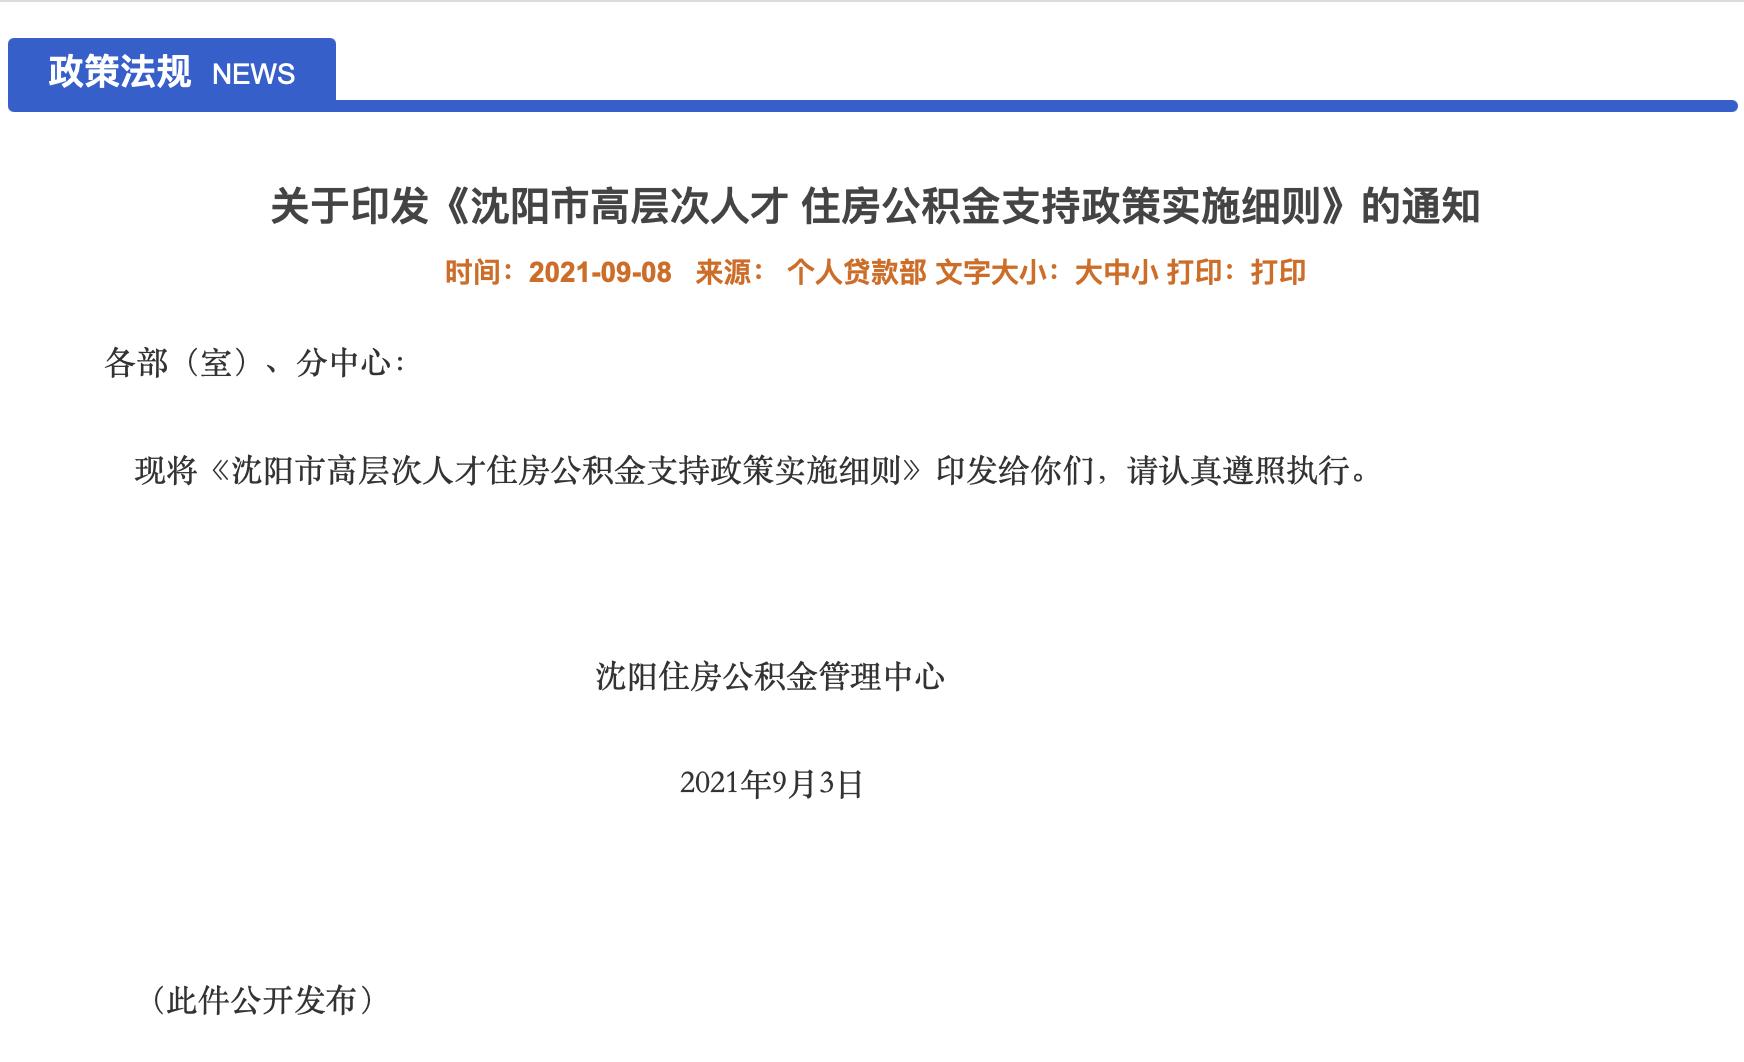 沈阳:高层次人才购首套房首次公积金贷款最高可贷240万元